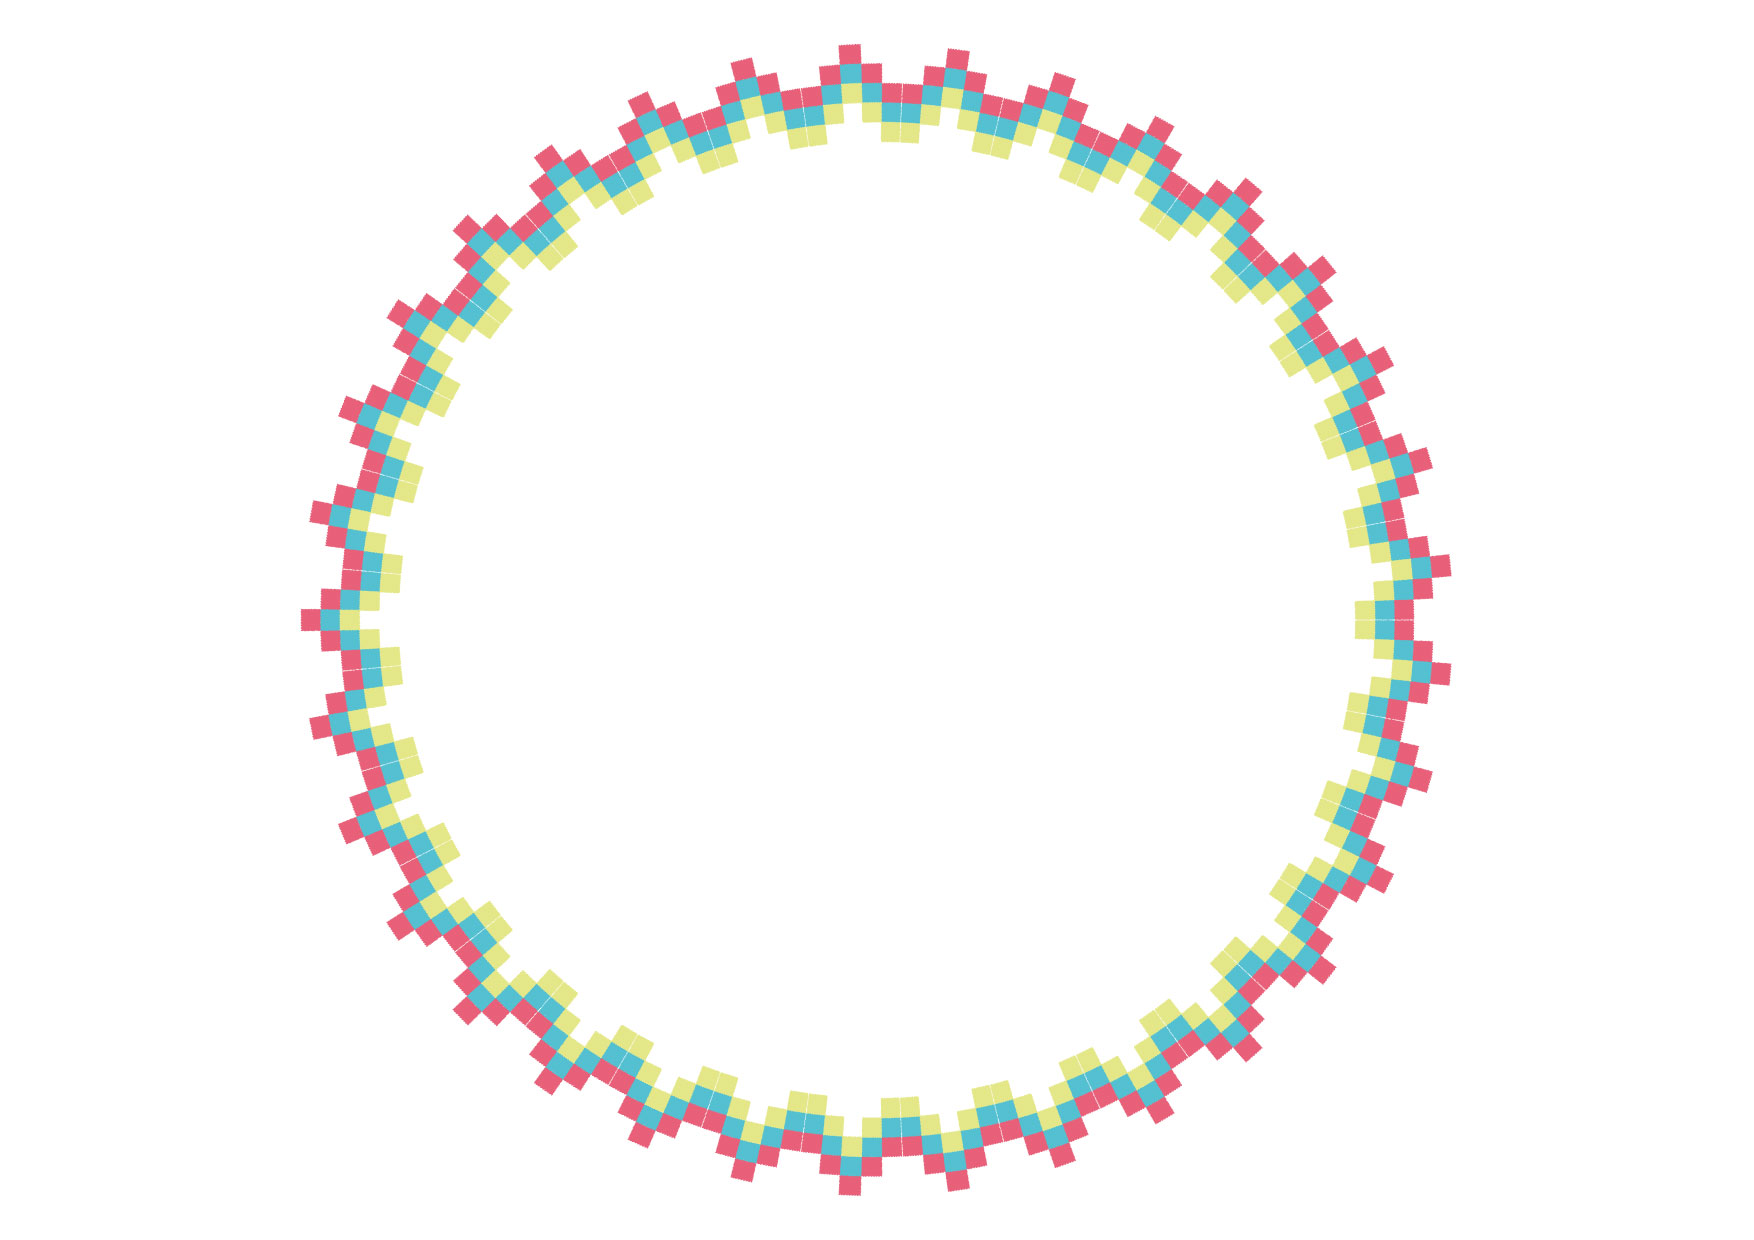 可愛いイラスト無料|エキゾチック 円 フレーム カラフル − free illustration Exotic circle frame colorful